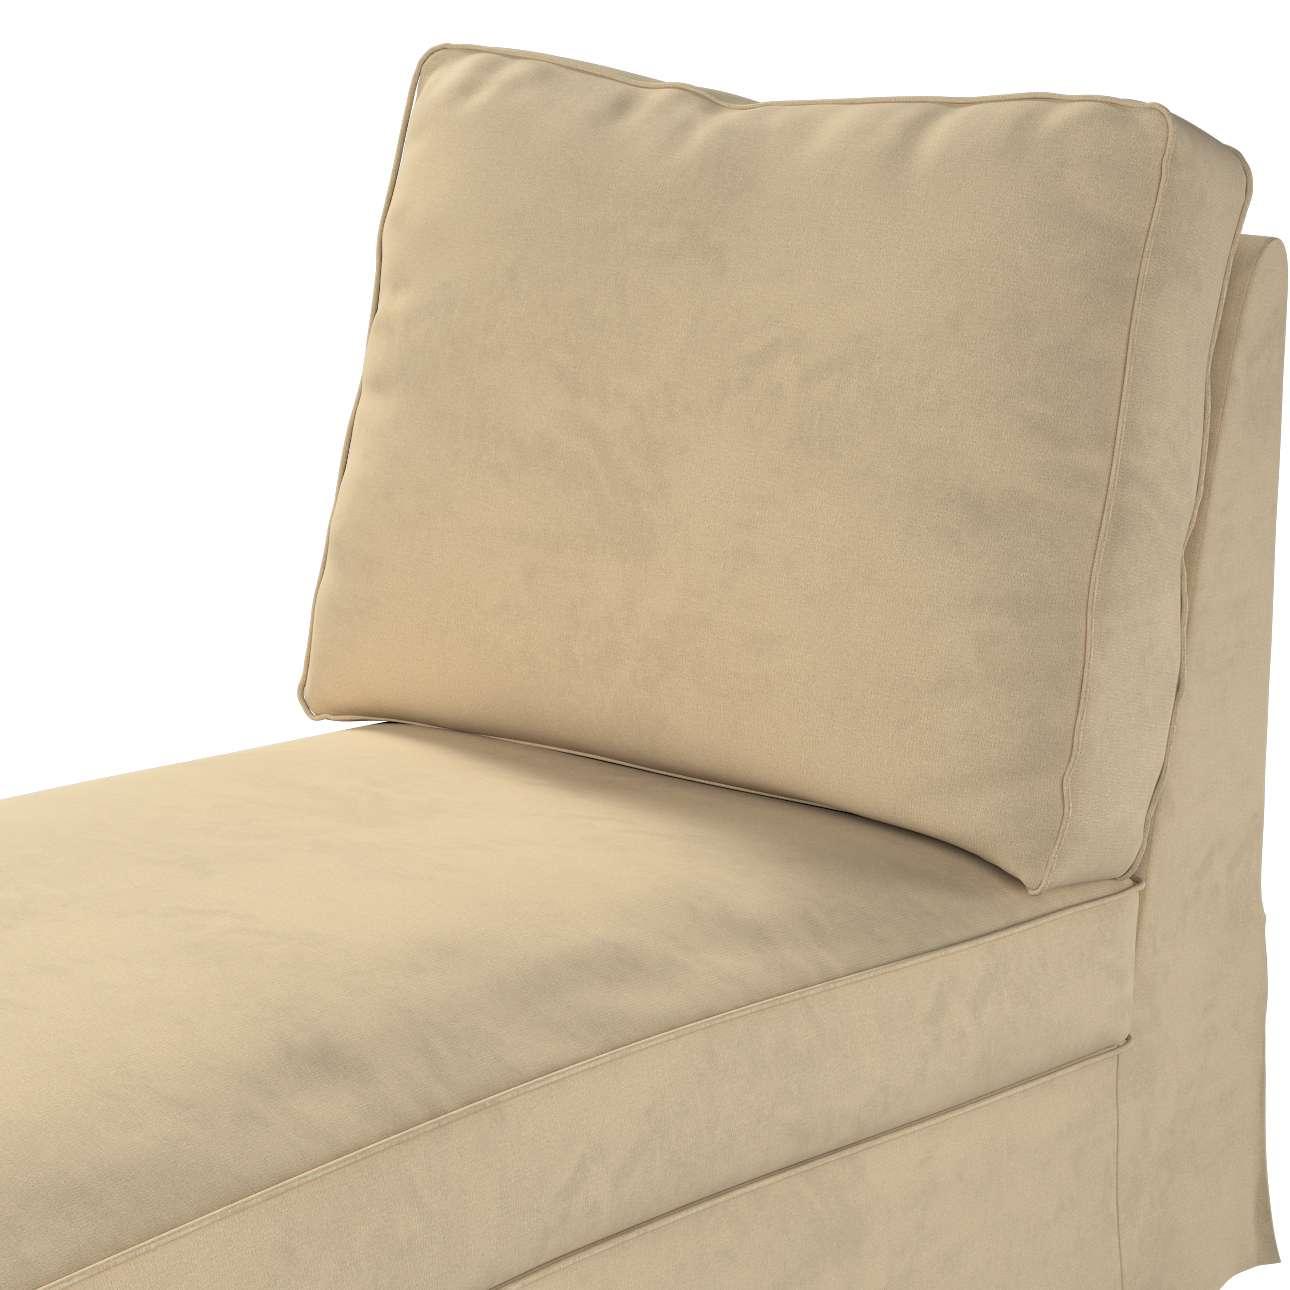 Pokrowiec na szezlong/ leżankę Ektorp wolnostojący prosty tył w kolekcji Living II, tkanina: 160-82